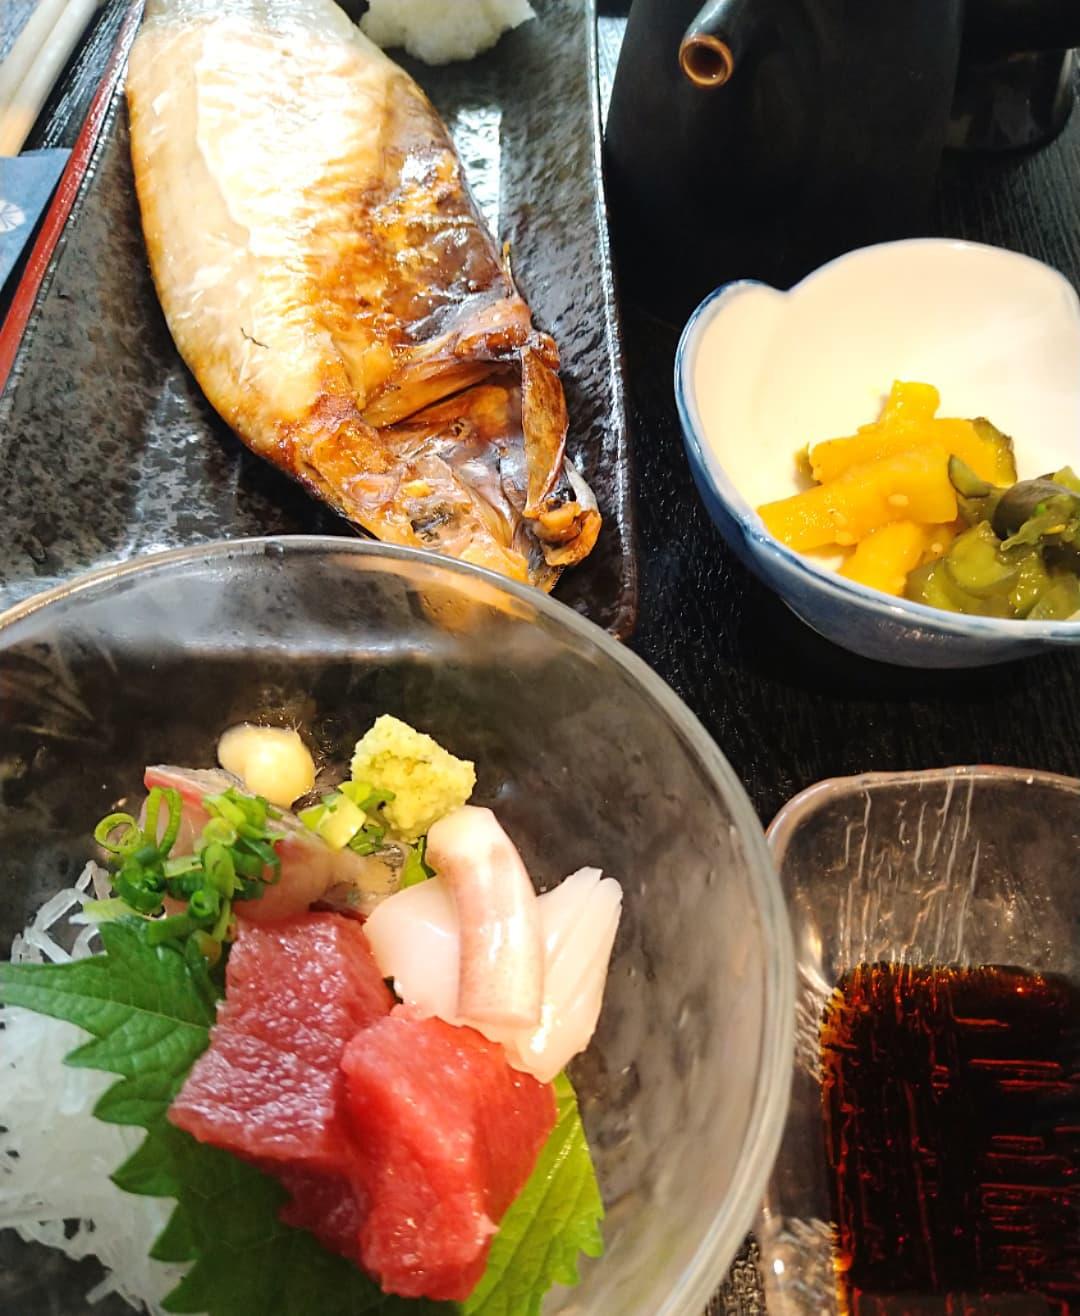 本日の日替わりランチ、刺身とサバ文化干し定食です!!  日替わりランチでサバ文化干しは久しぶりになります 大きいサイズのサバが半身まるまる、脂のってます❣️  ご来店お待ちしております